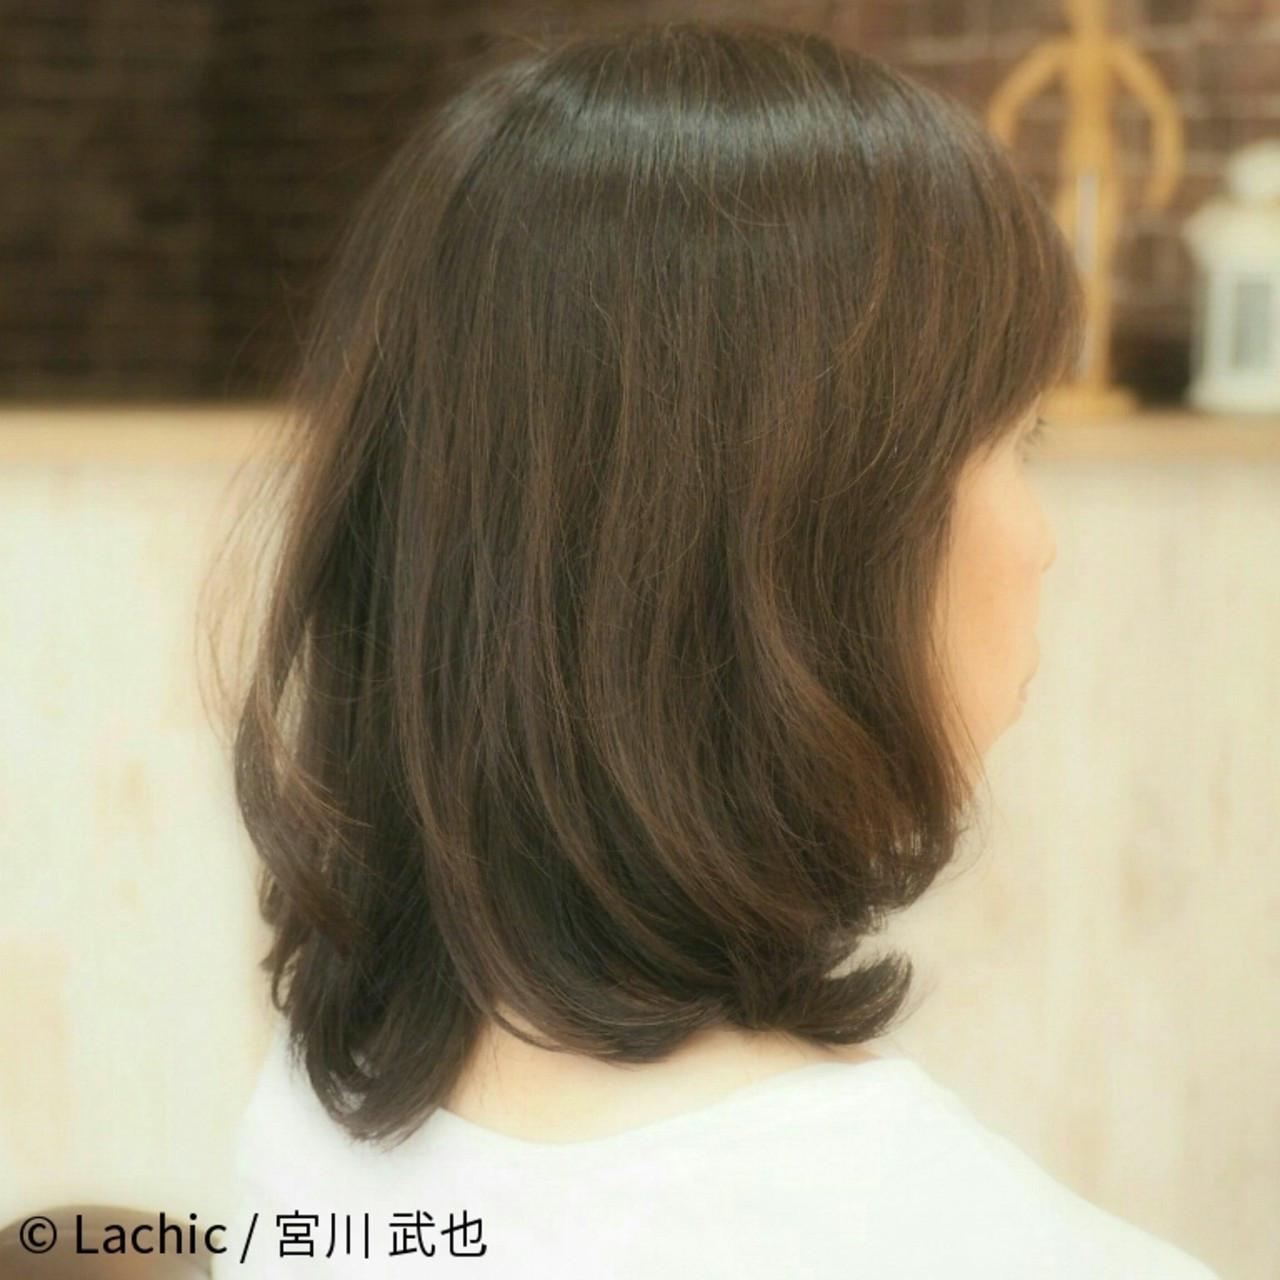 ナチュラルにキメて♡毛先ワンカールヘア Lachic / 宮川 武也